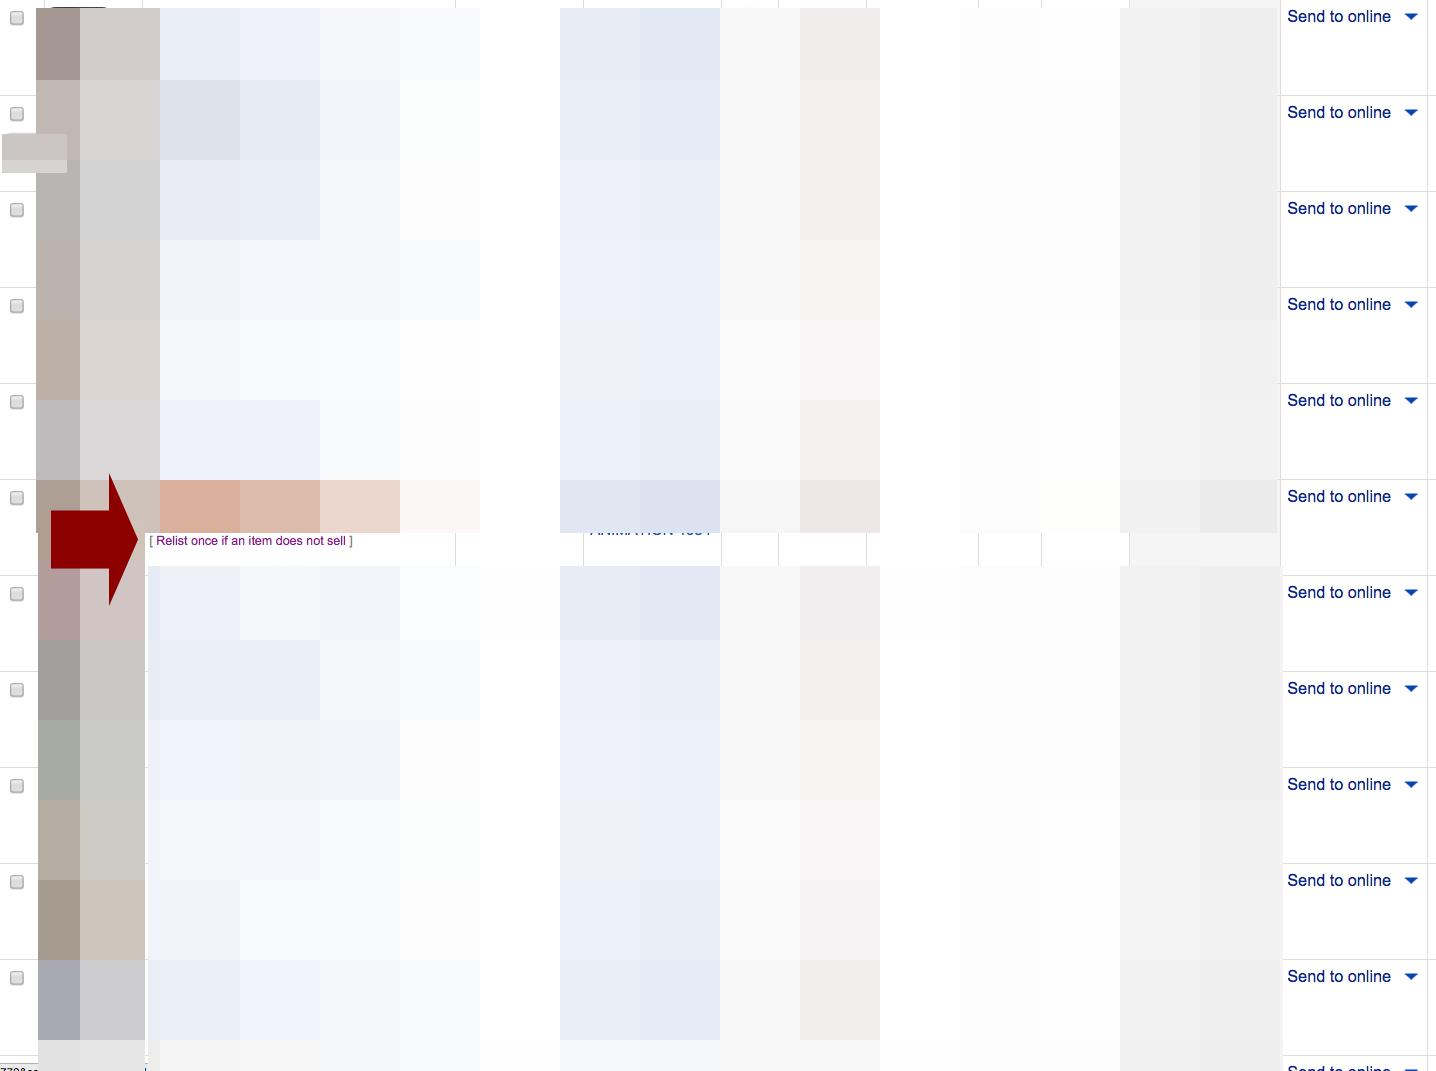 スクリーンショット 2015-05-03 17.12.21